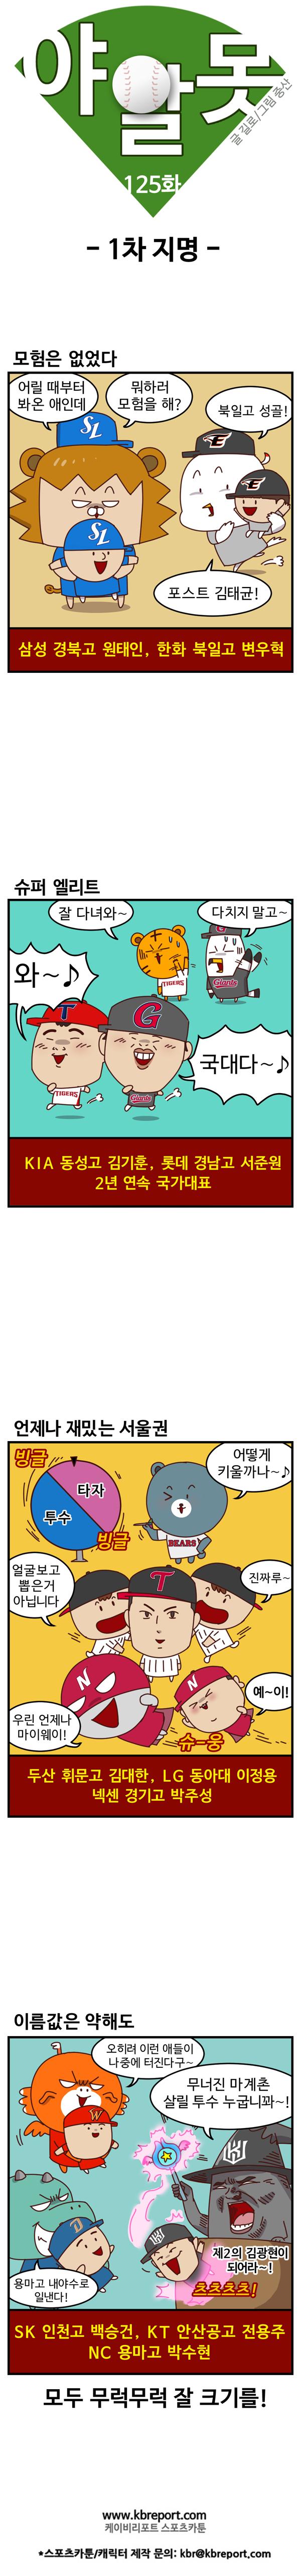 [프로야구 카툰] 야알못 125화: 10개구단 1차지명